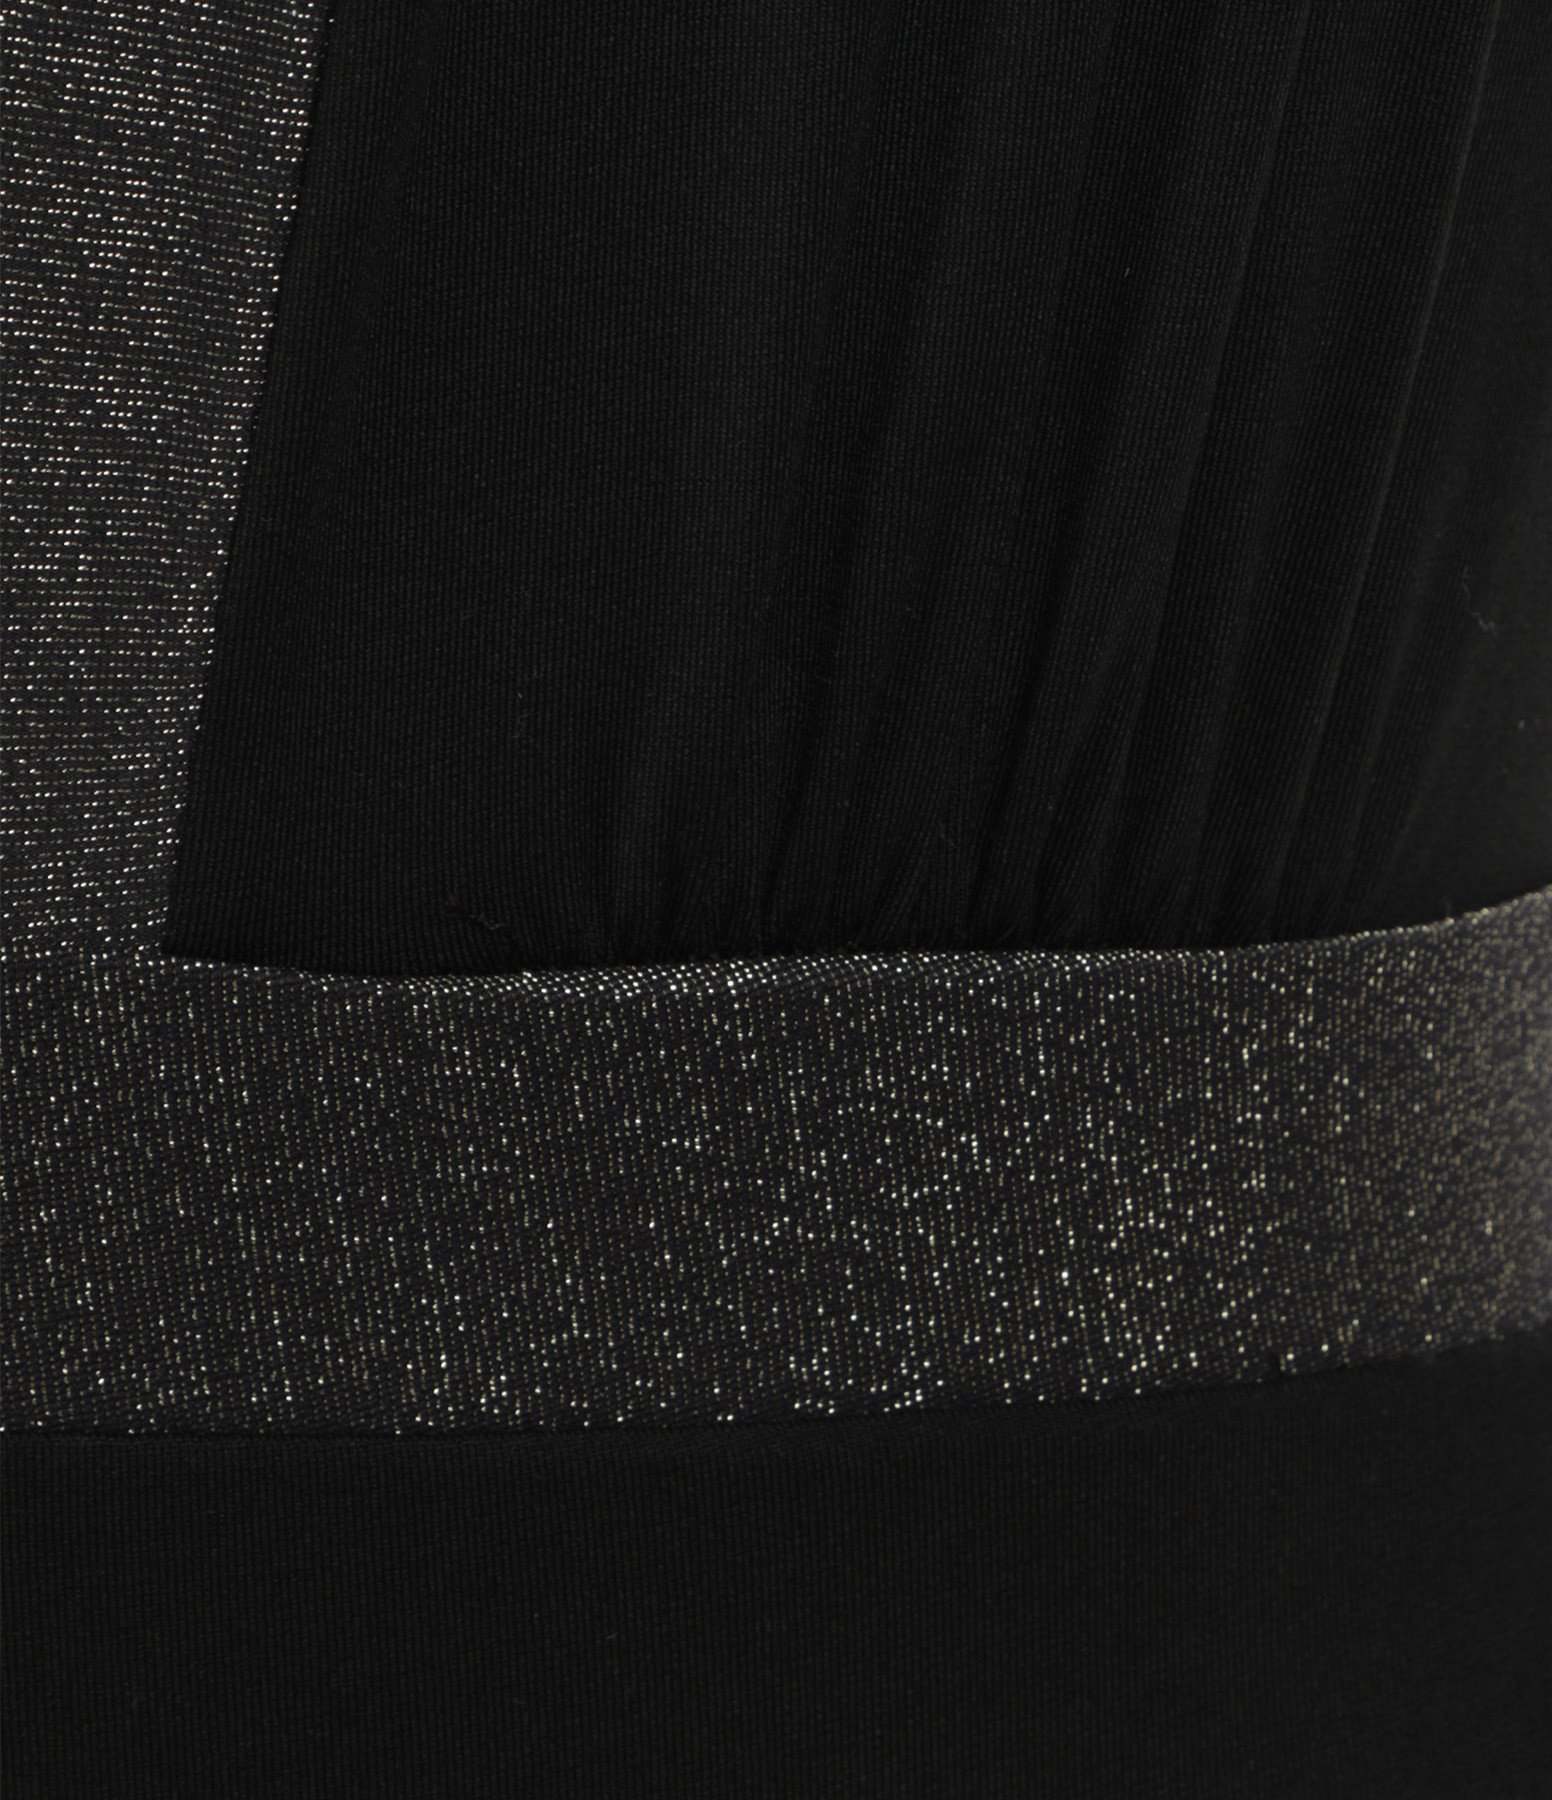 CALARENA - Maillot de Bain Posture Bimatière Lurex Noir, Collection Sport Chic et Nautique